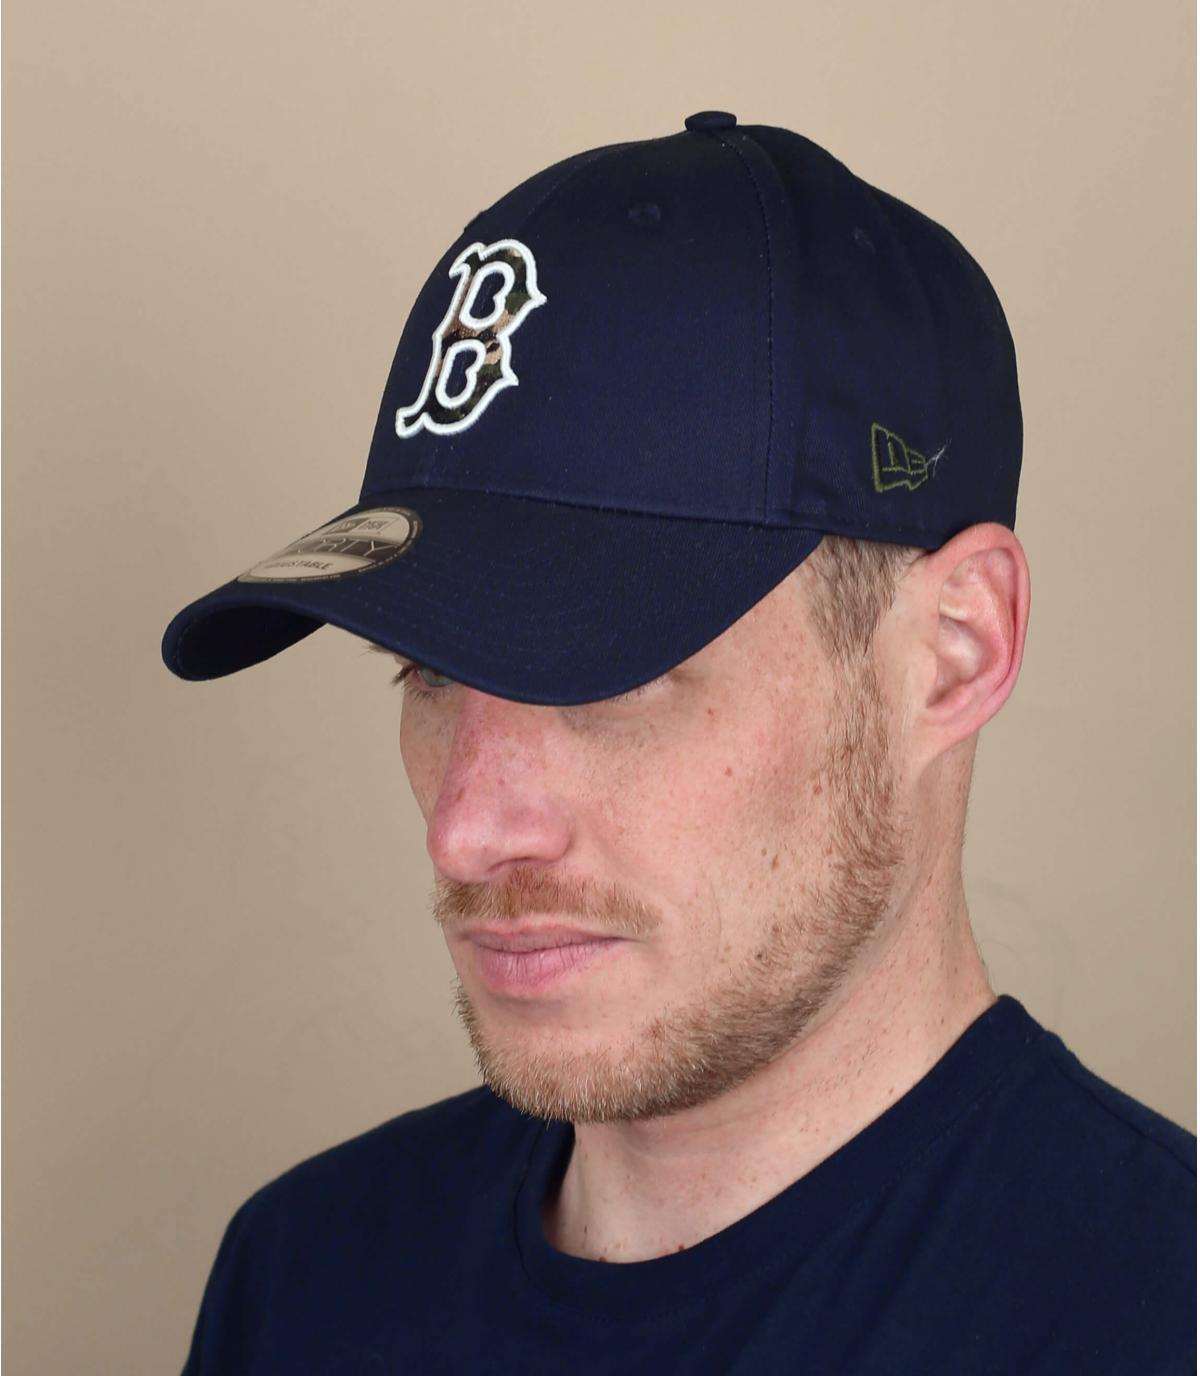 casquette Boston bleu camo